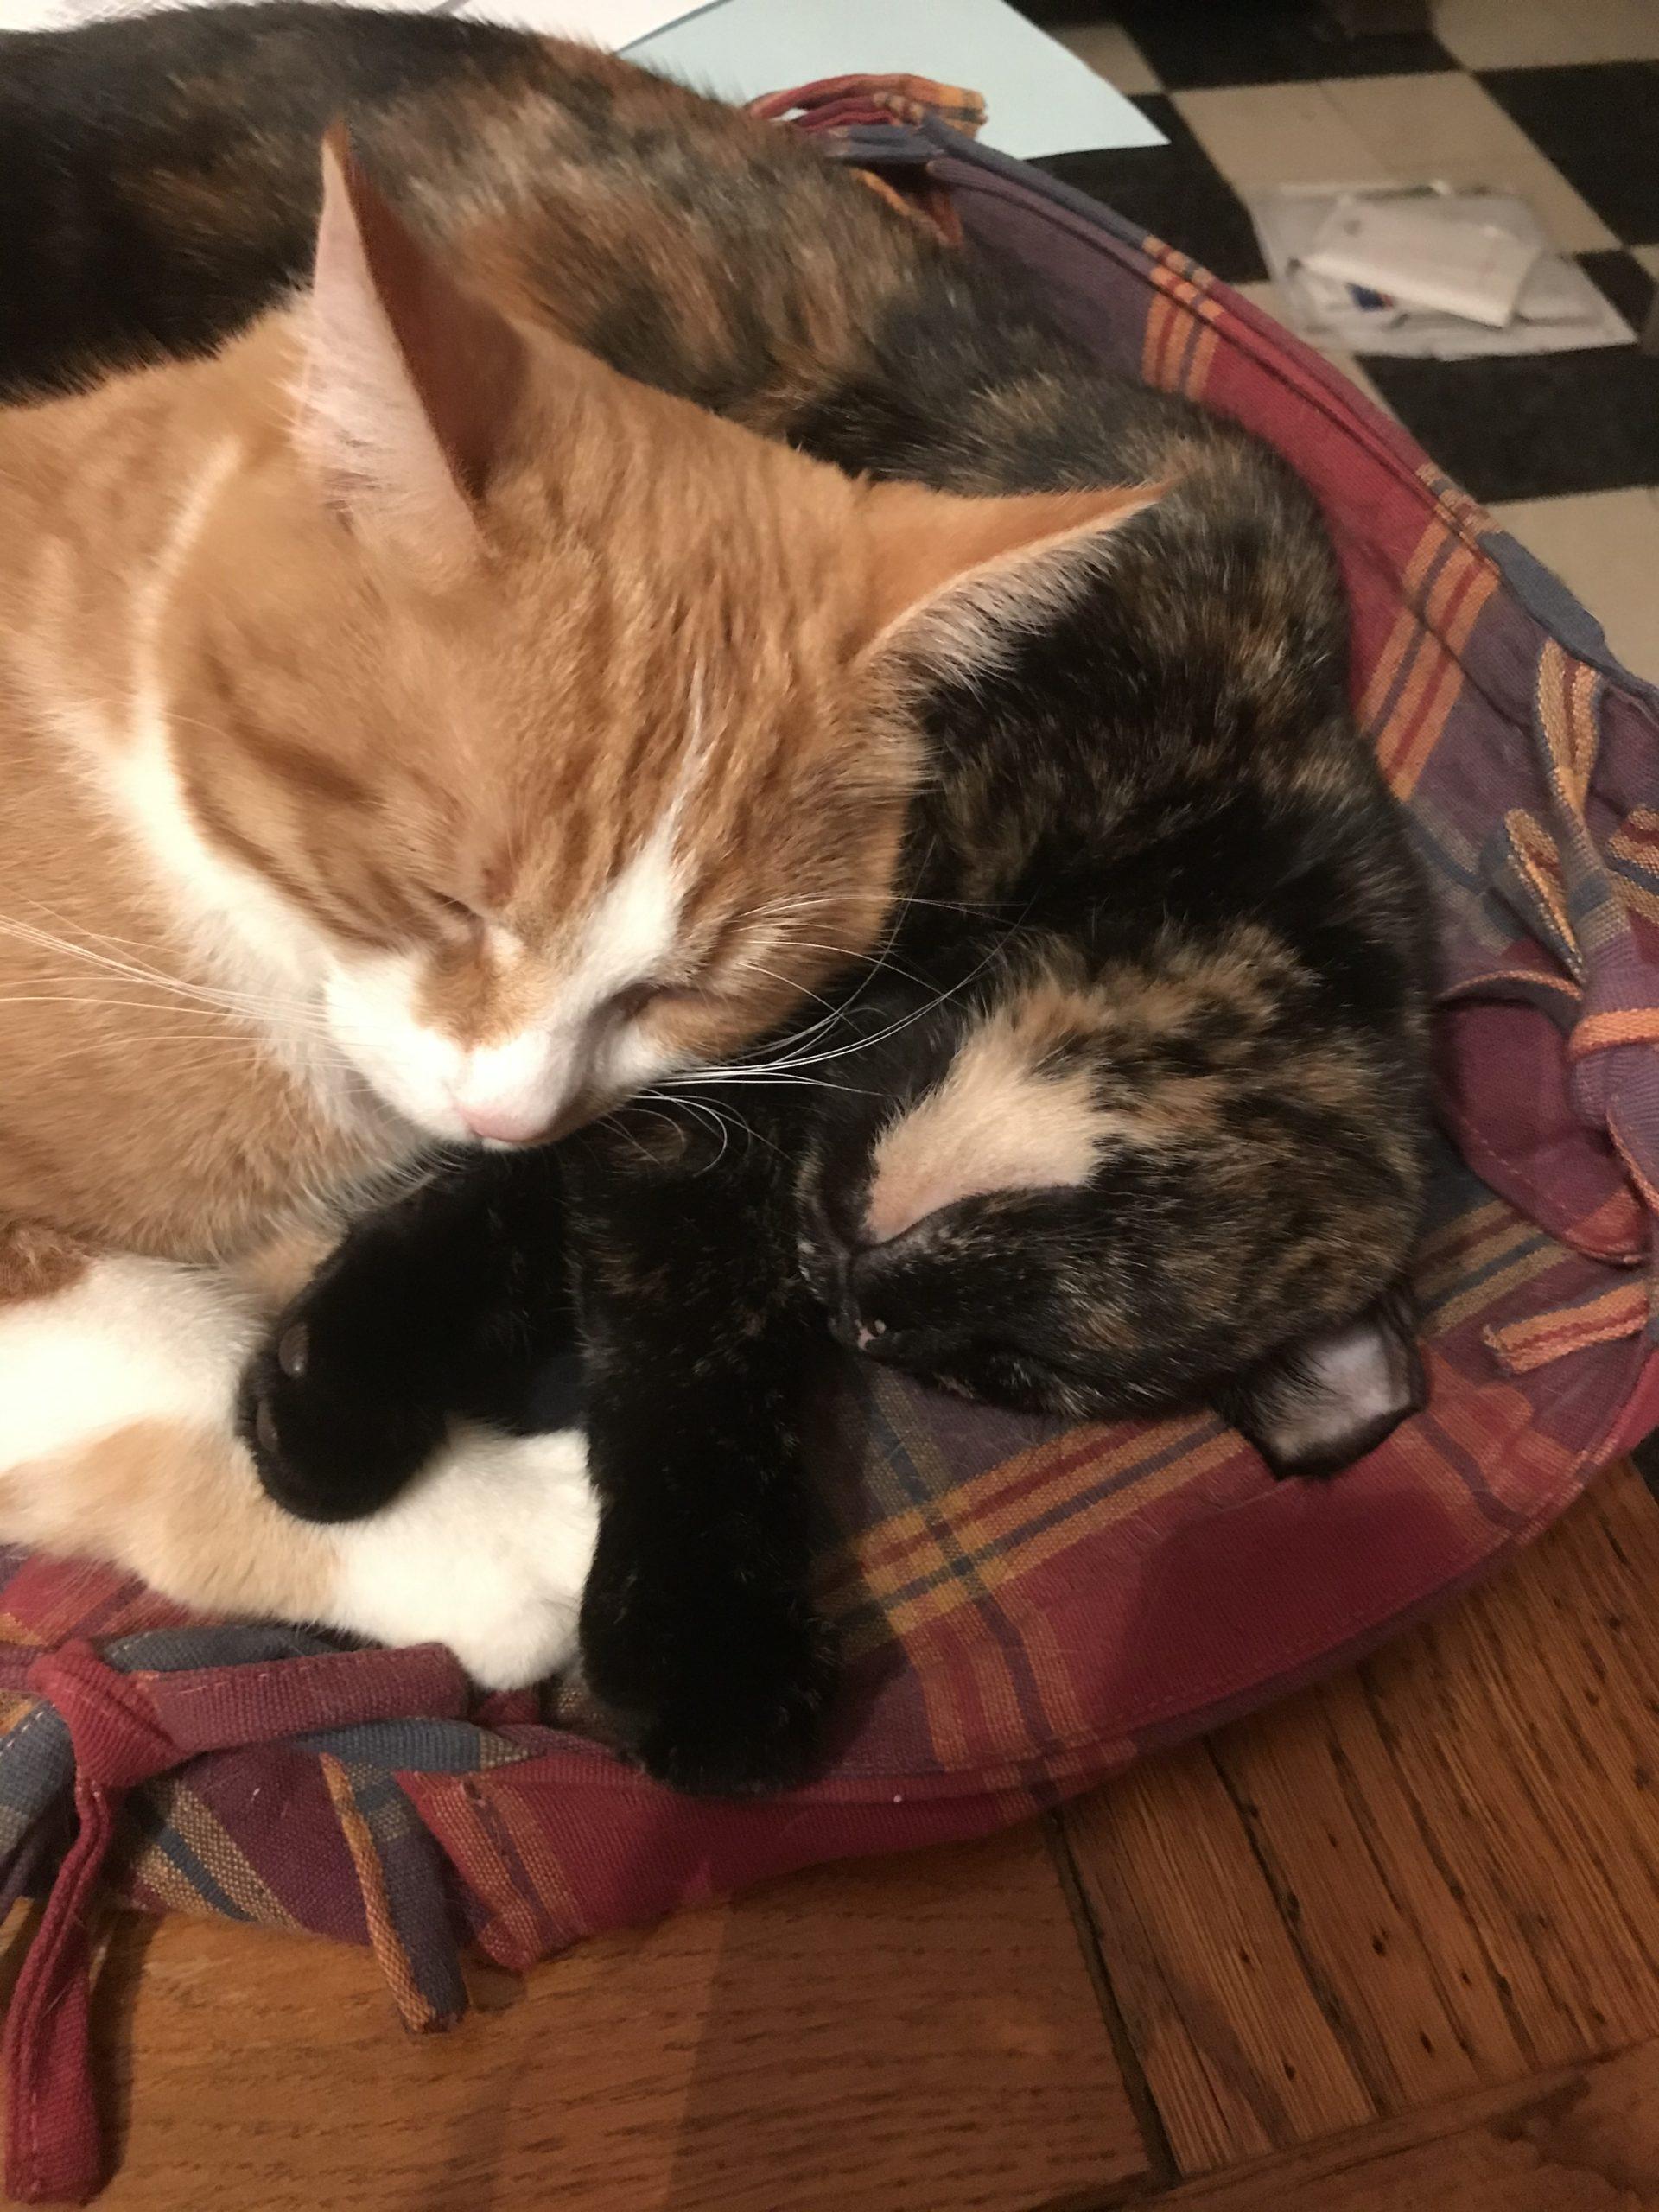 covid-19-temps-malaise-chats